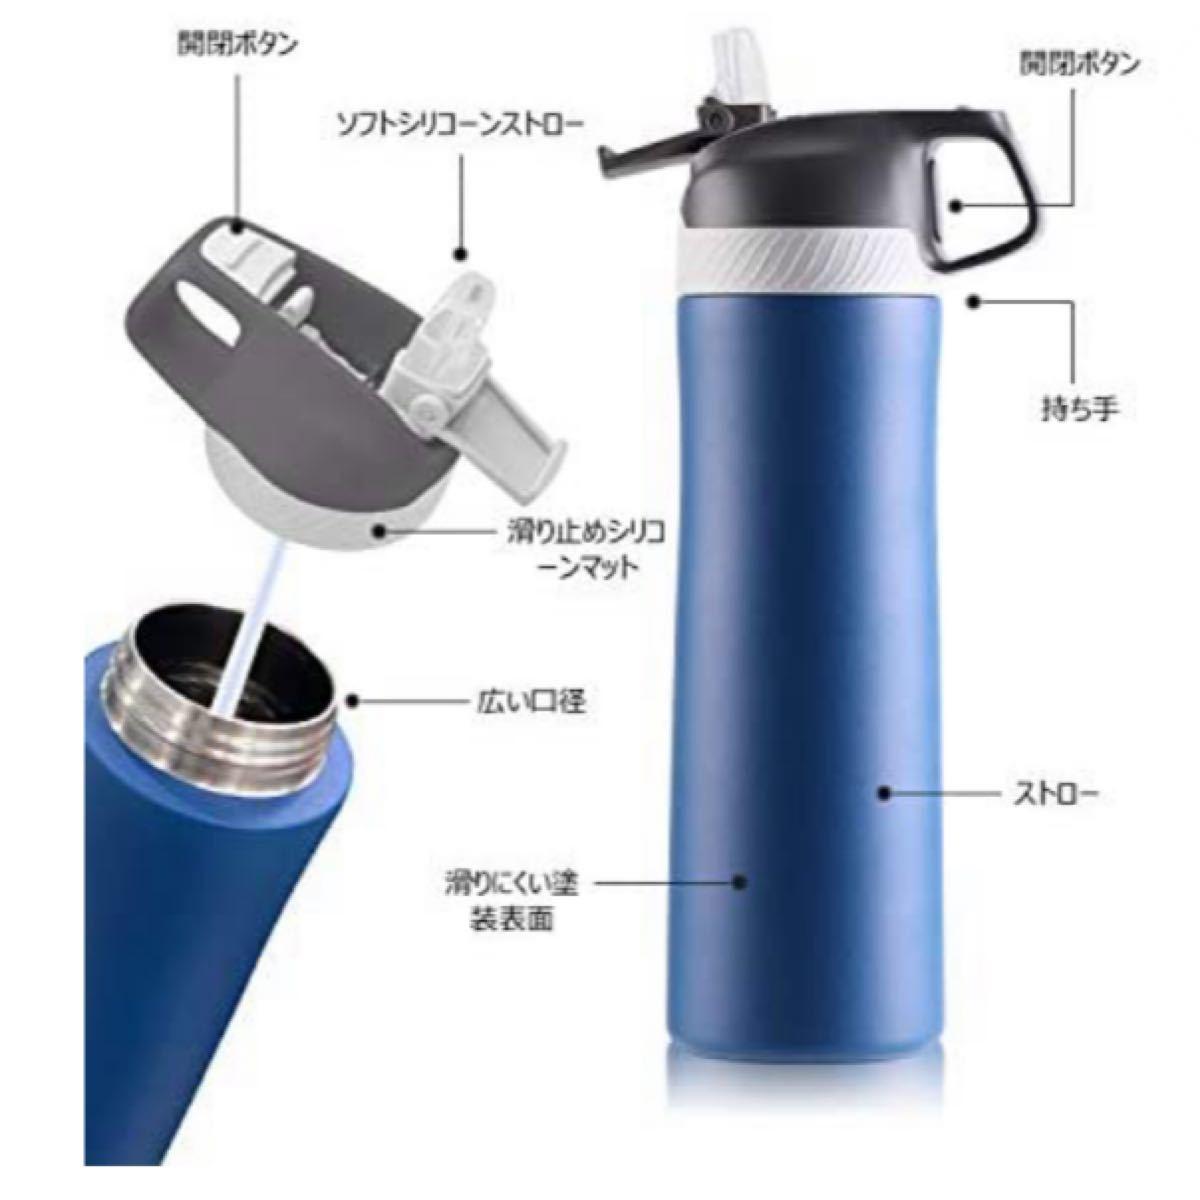 水筒 真空断熱 ワンタッチ ストロー スポーツ ボトル直飲み 保温  ステンレスボトル